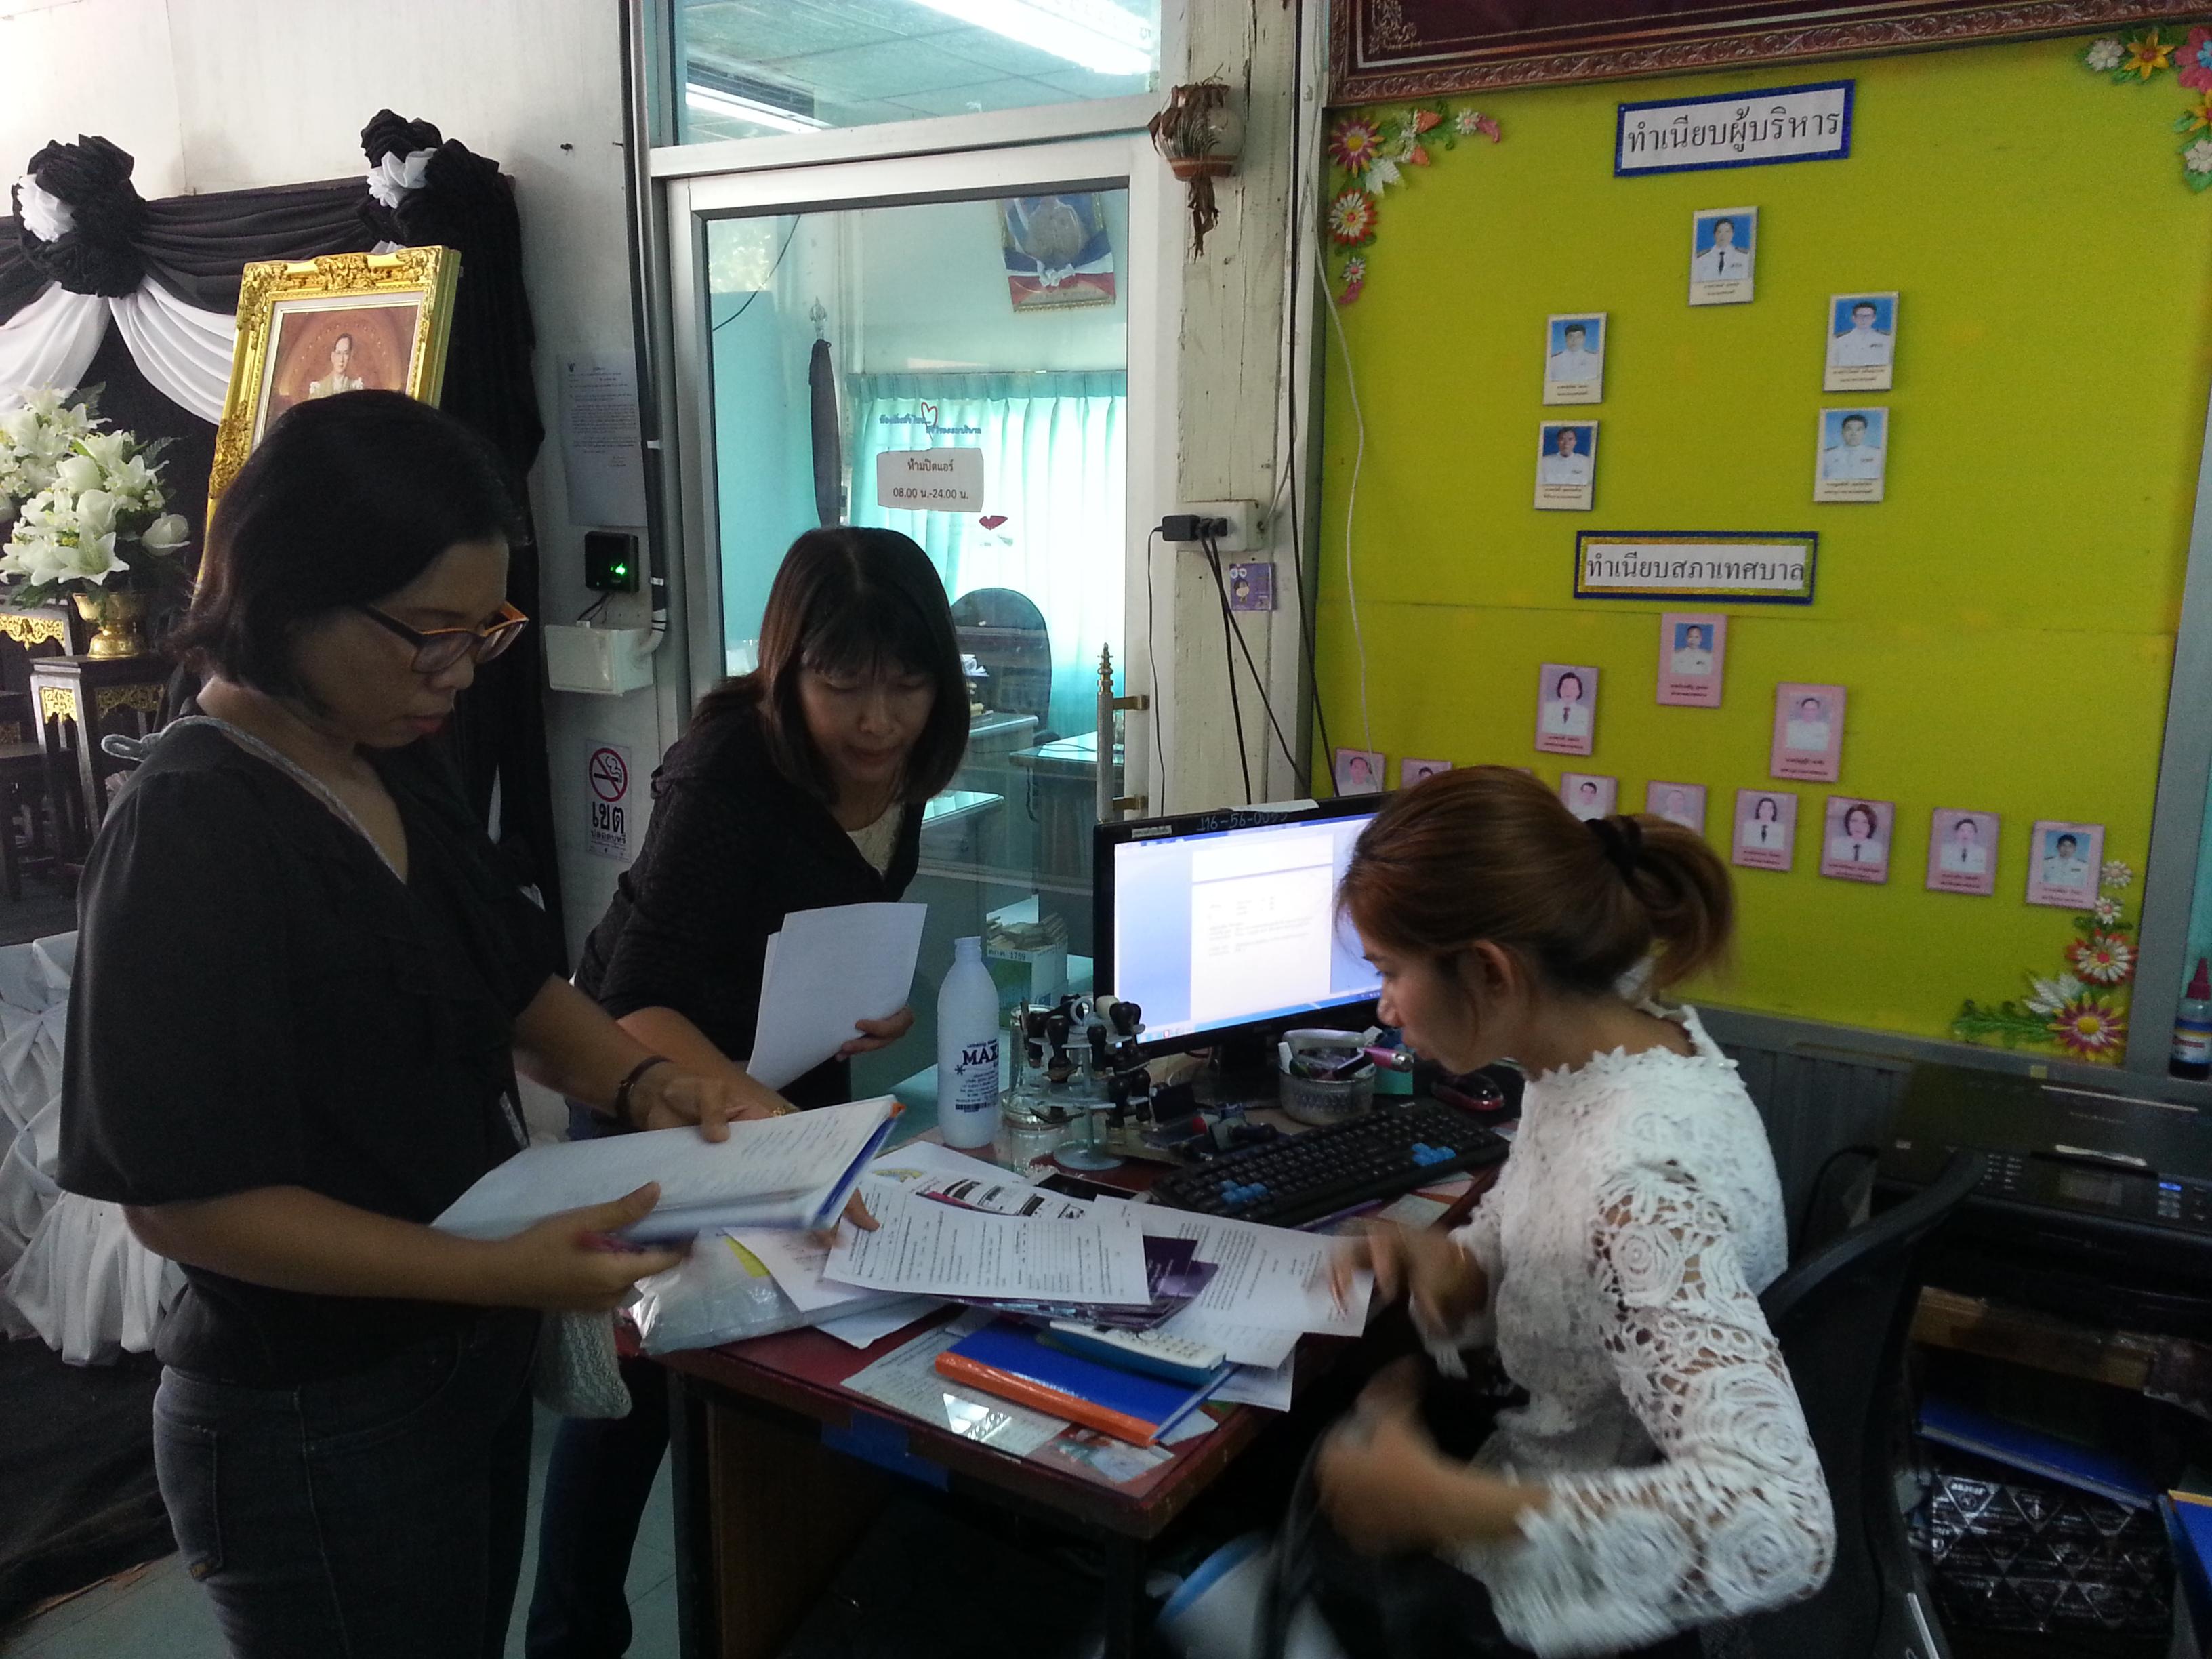 โครงการขยายเครือข่ายข้อมูลข่าวสารสู่ตำบลและหมู่บ้าน ปี 2560 ในจังหวัดมหาสารคาม